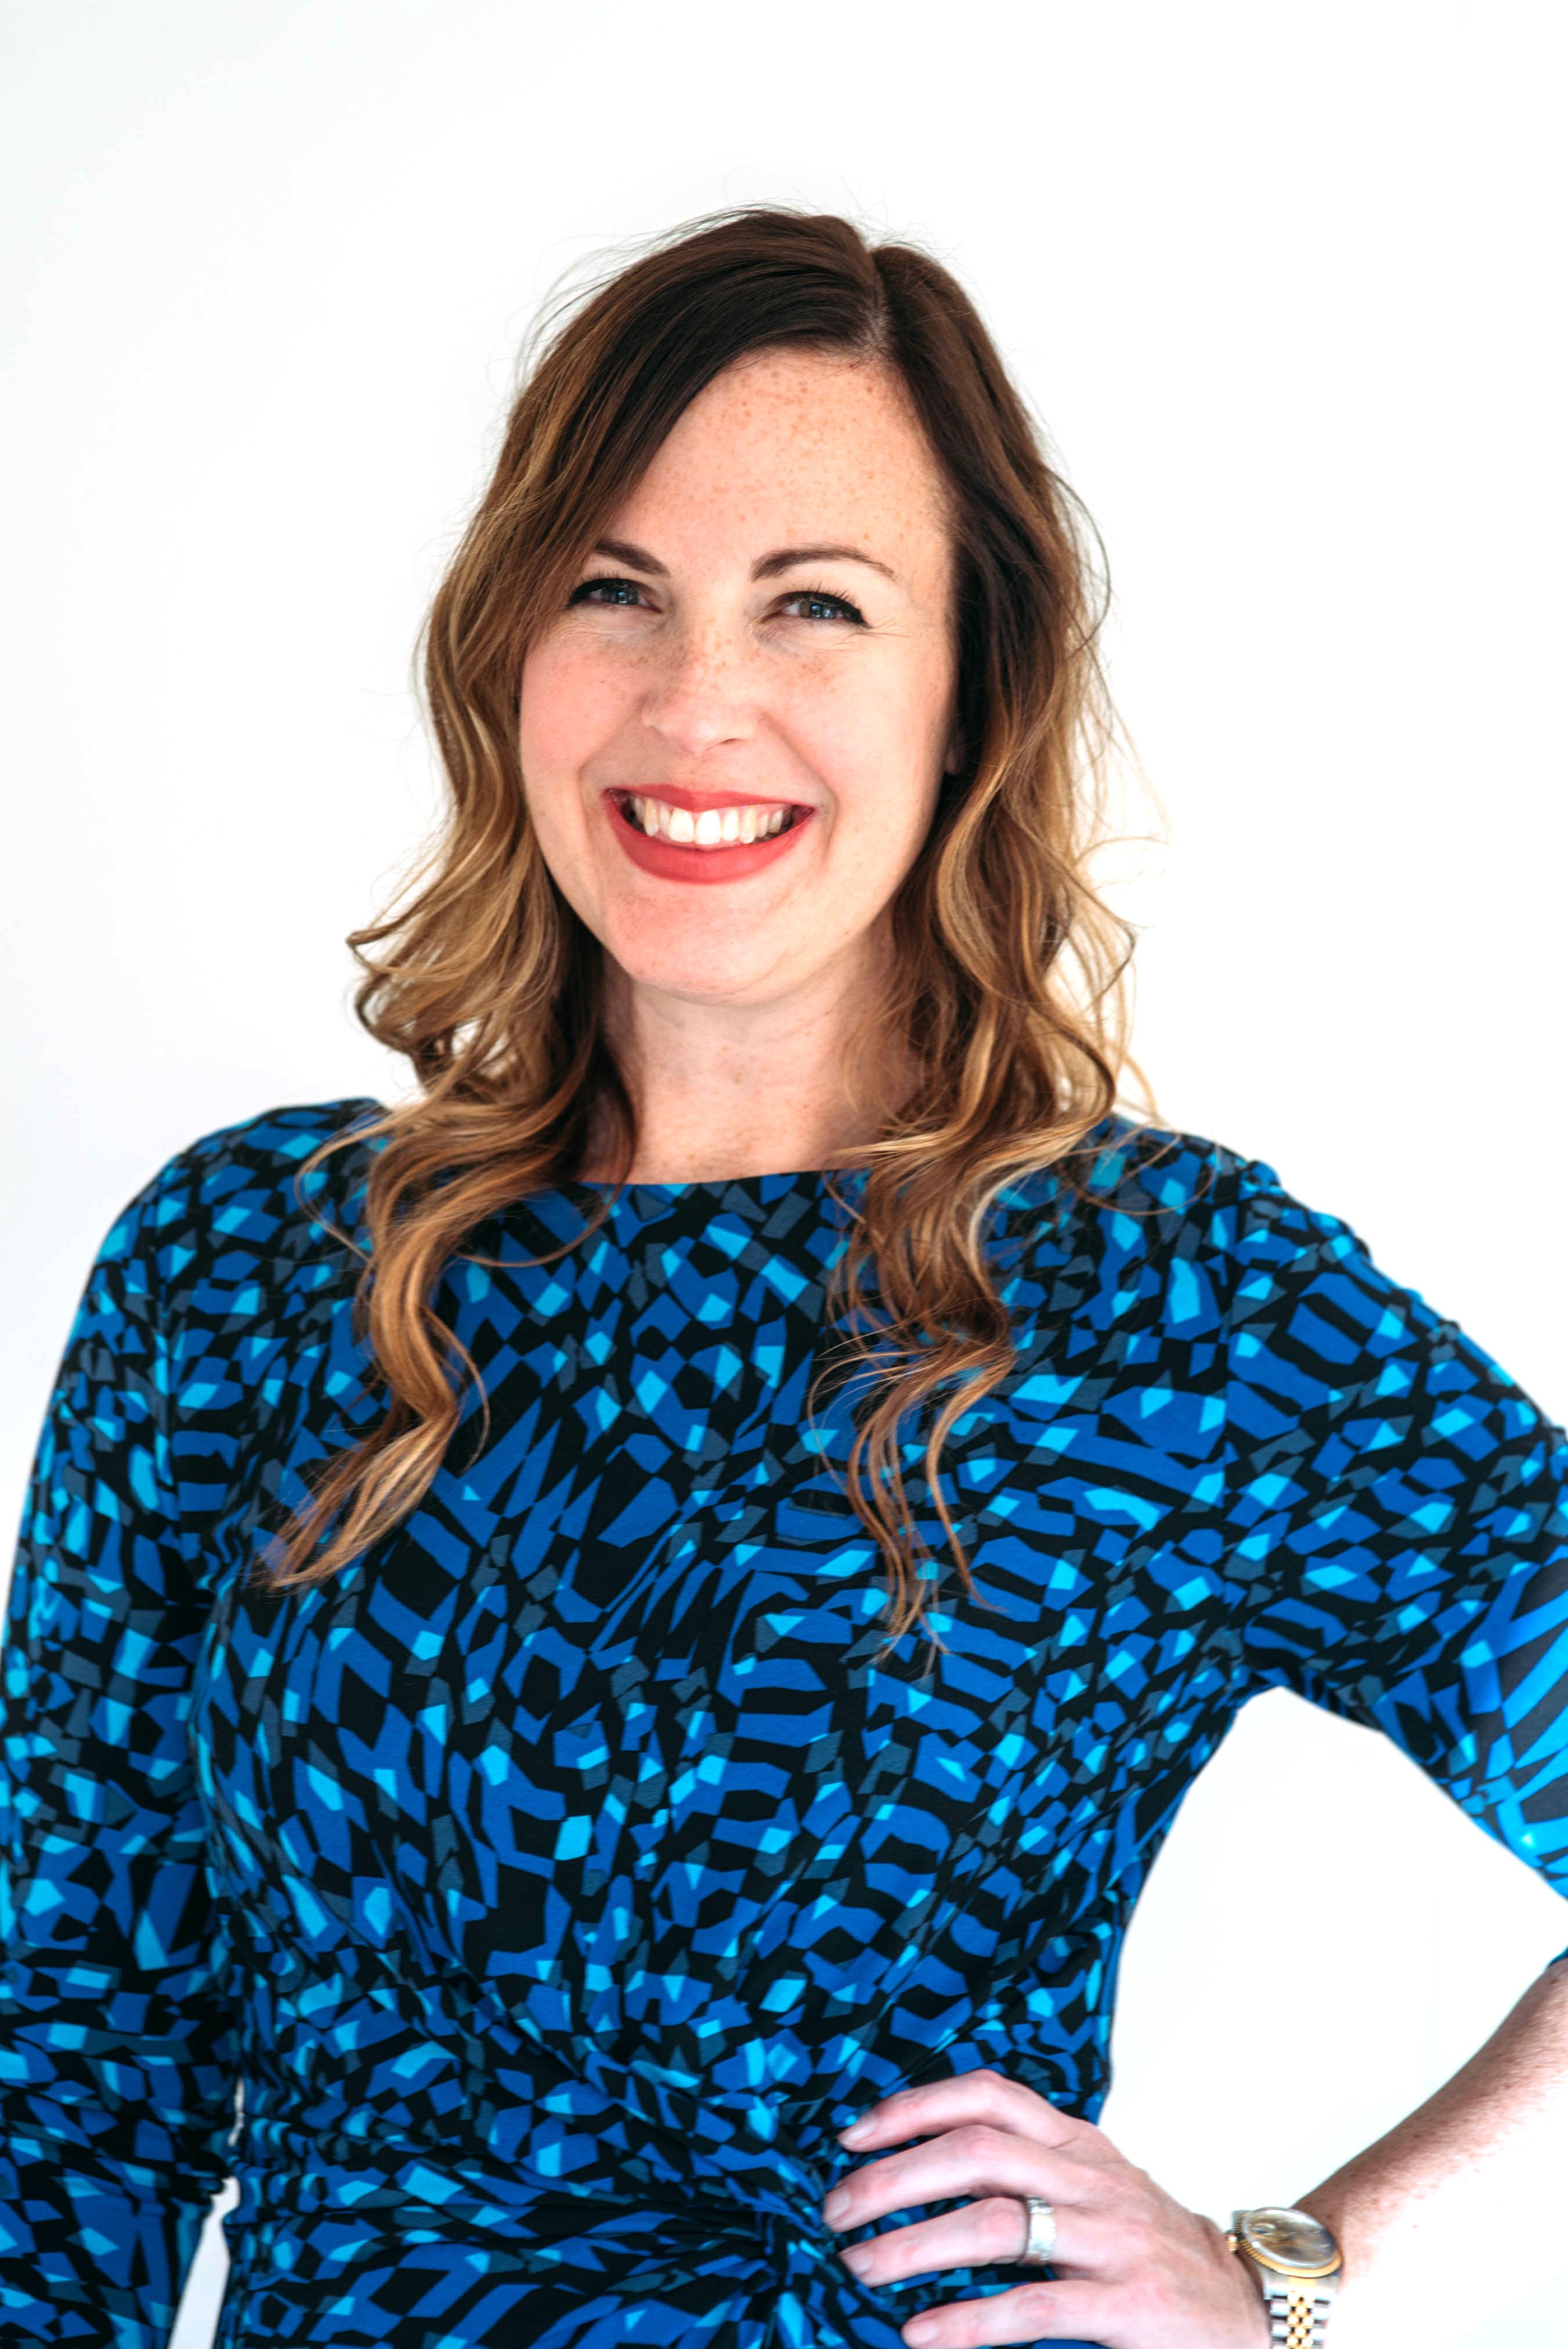 Jenna Oltersdorf Headshot